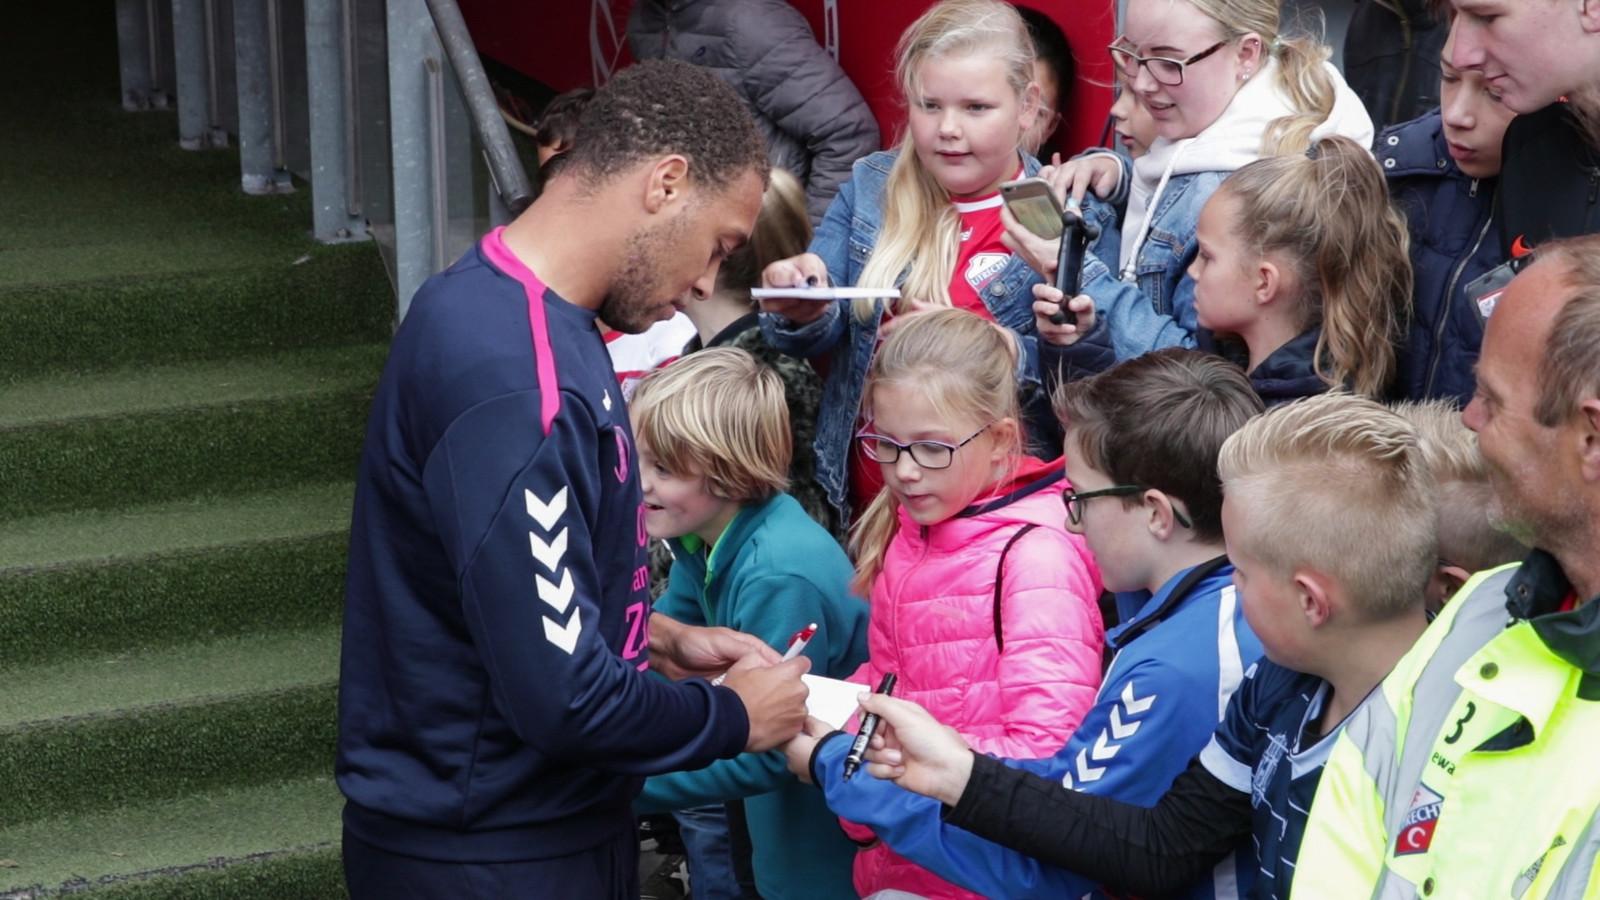 Jonge voetbalfans op jacht naar handtekeningen van hun idolen.